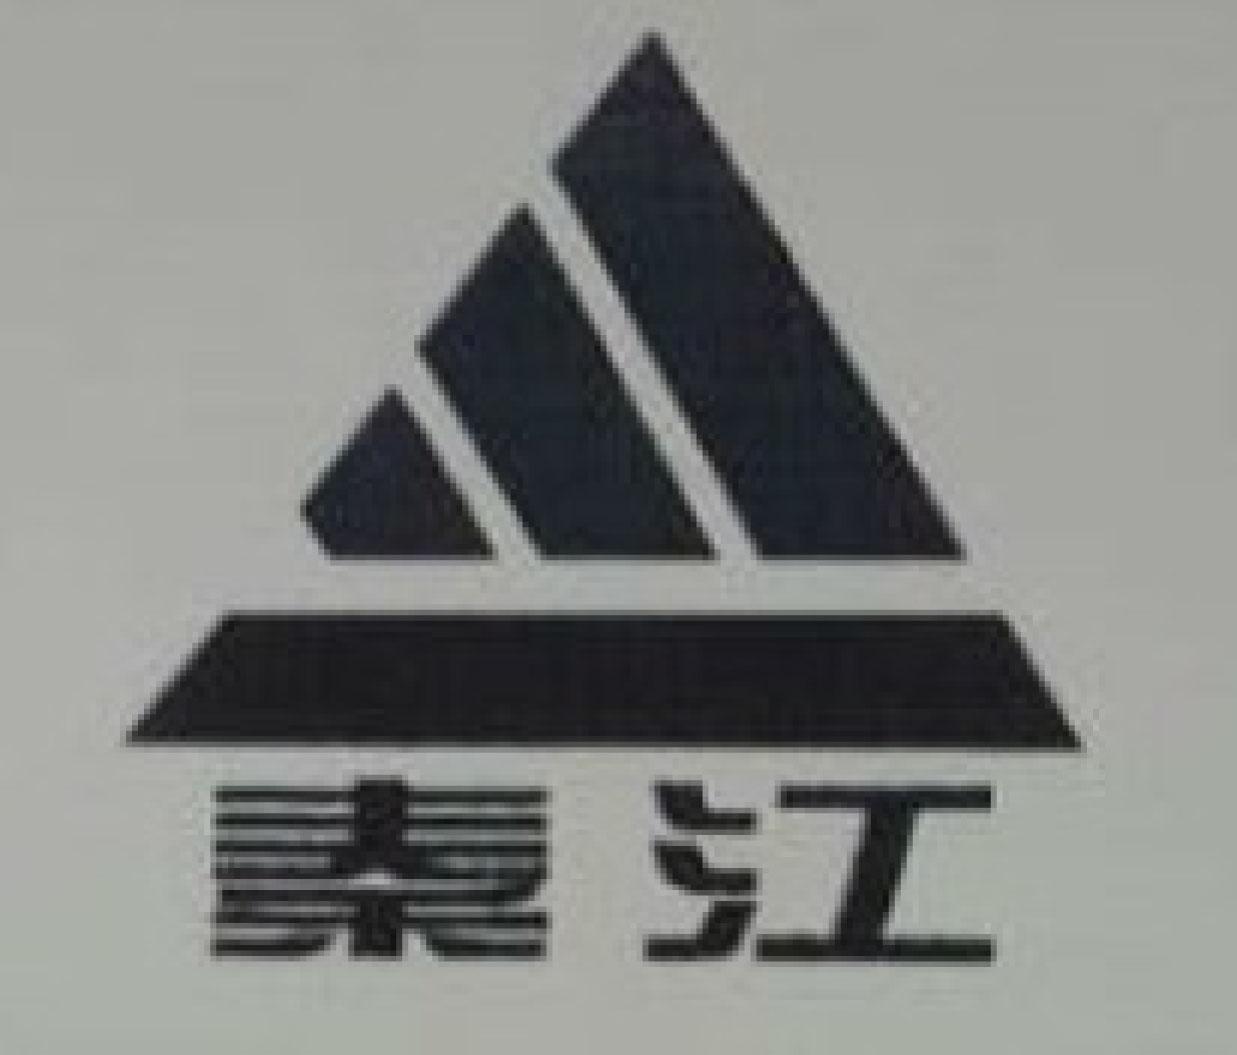 崇阳秦江木业有限责任公司